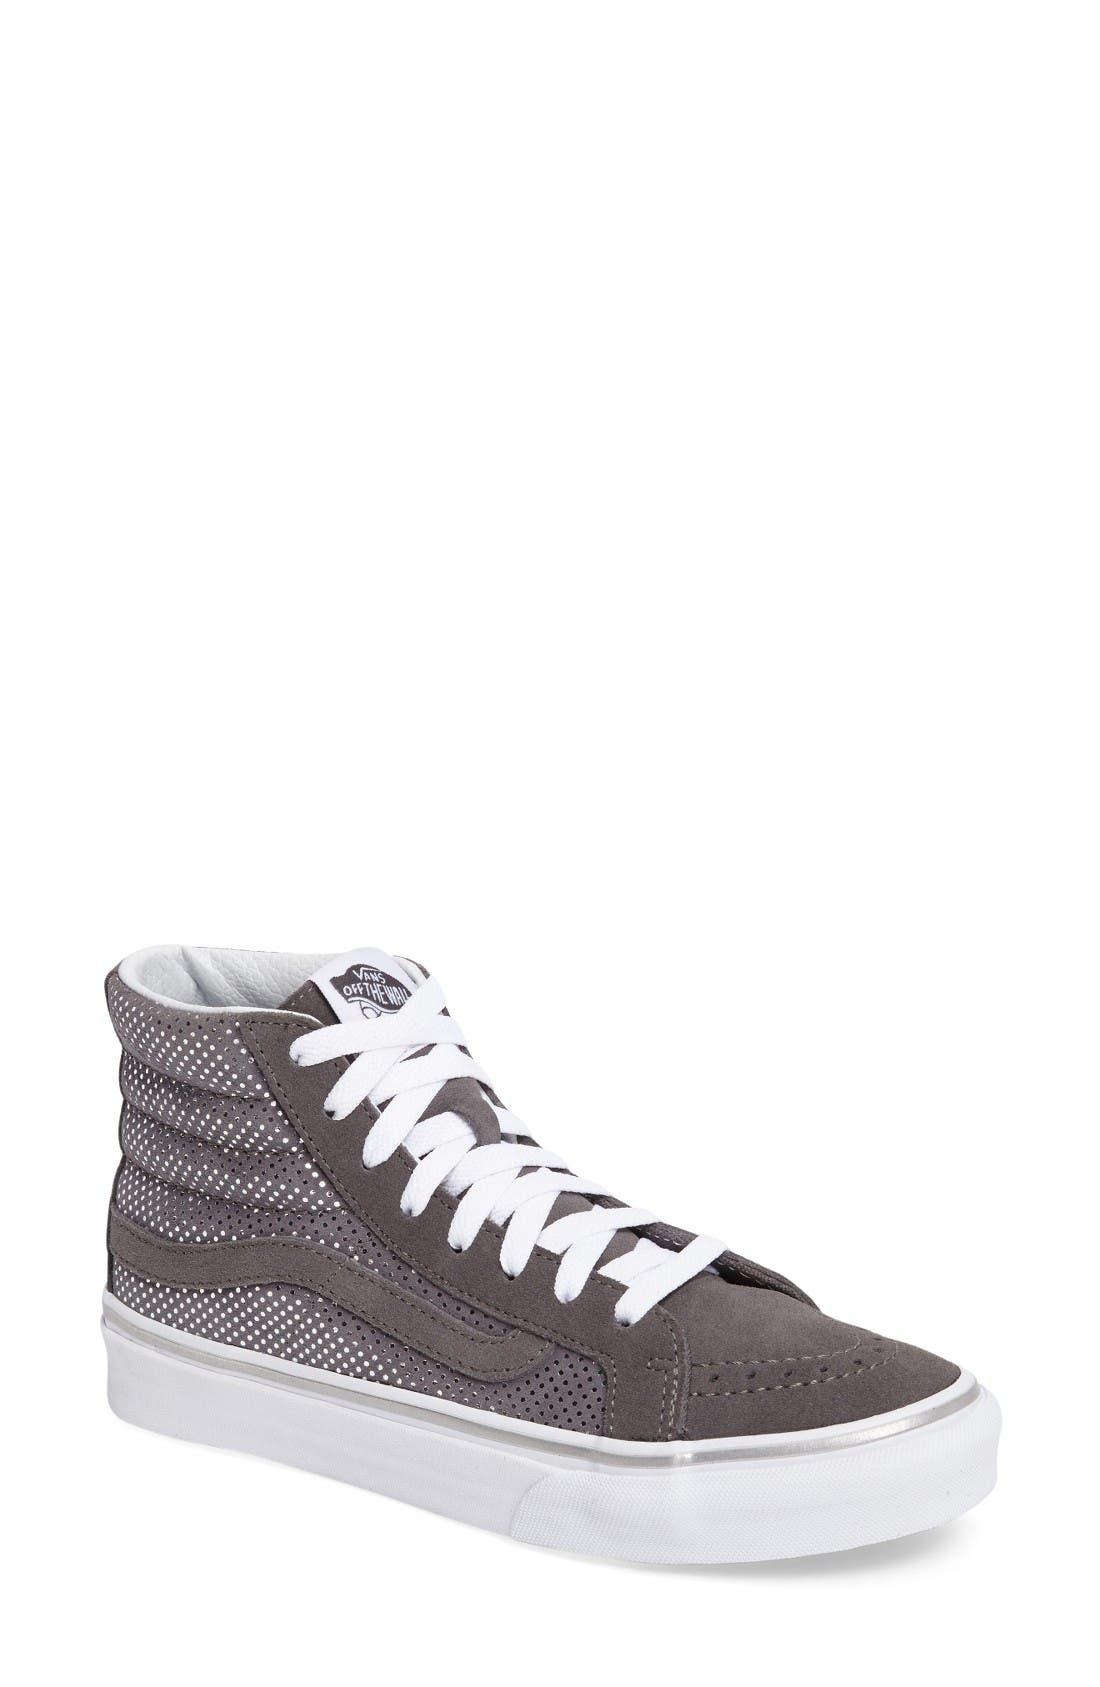 Main Image - Vans Sk8-Hi Slim High Top Sneaker (Women)